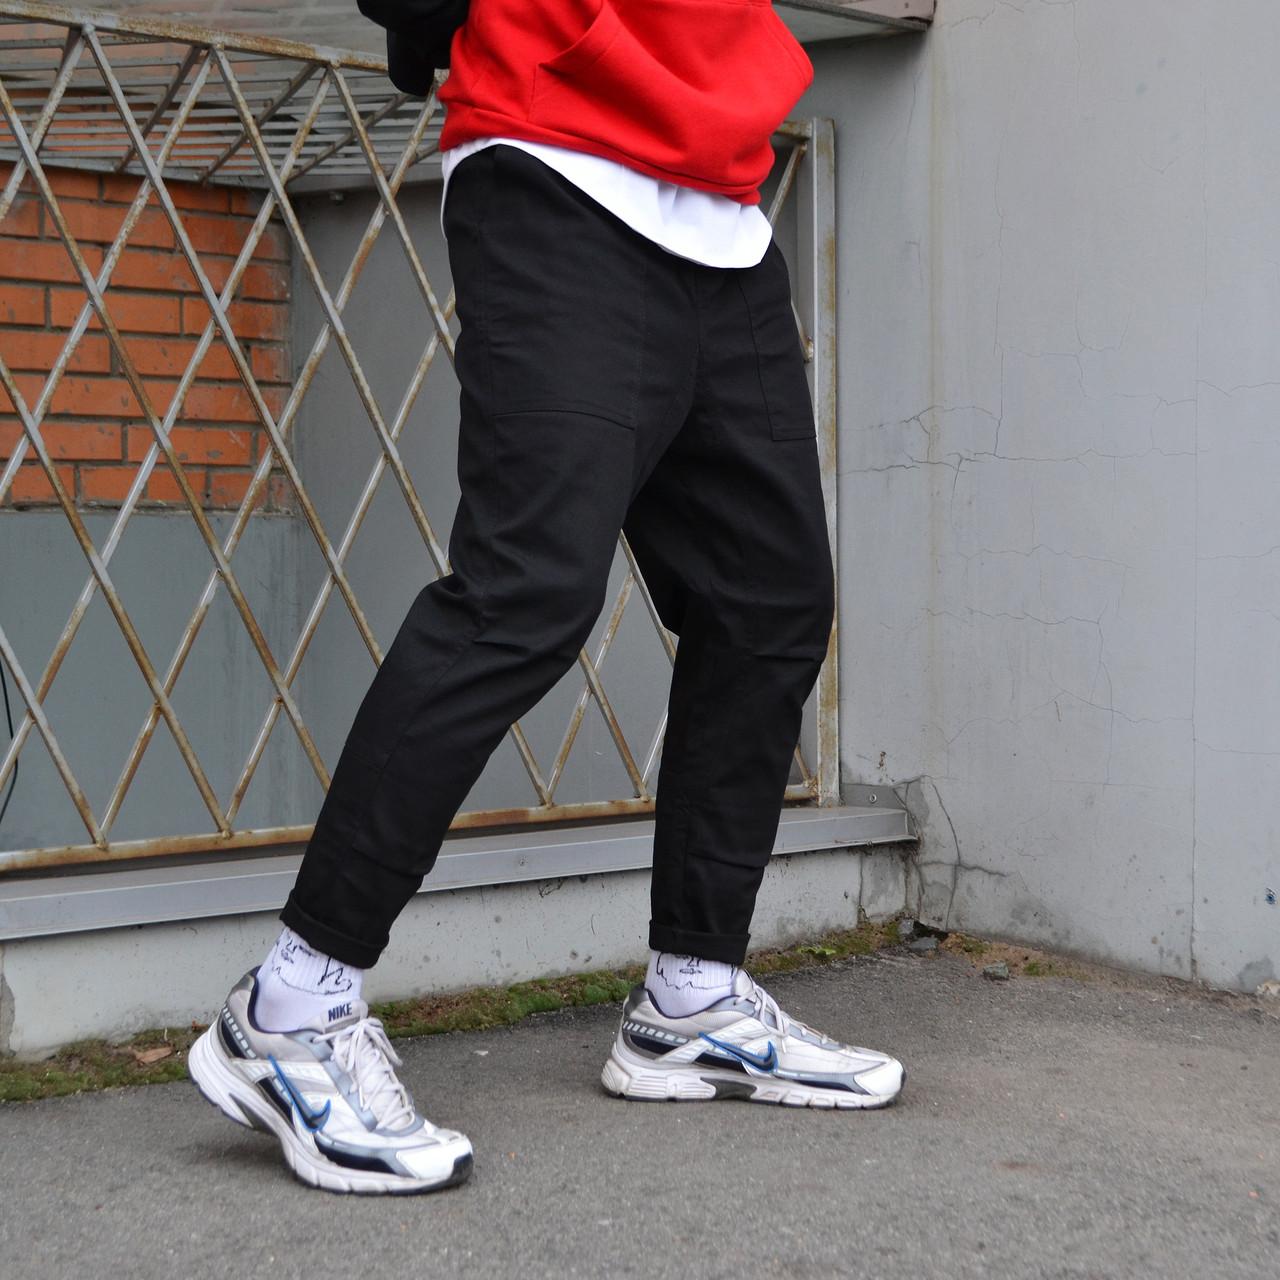 Штани карго чоловічі чорні бренд ТУР модель Джейсон (Jason) S